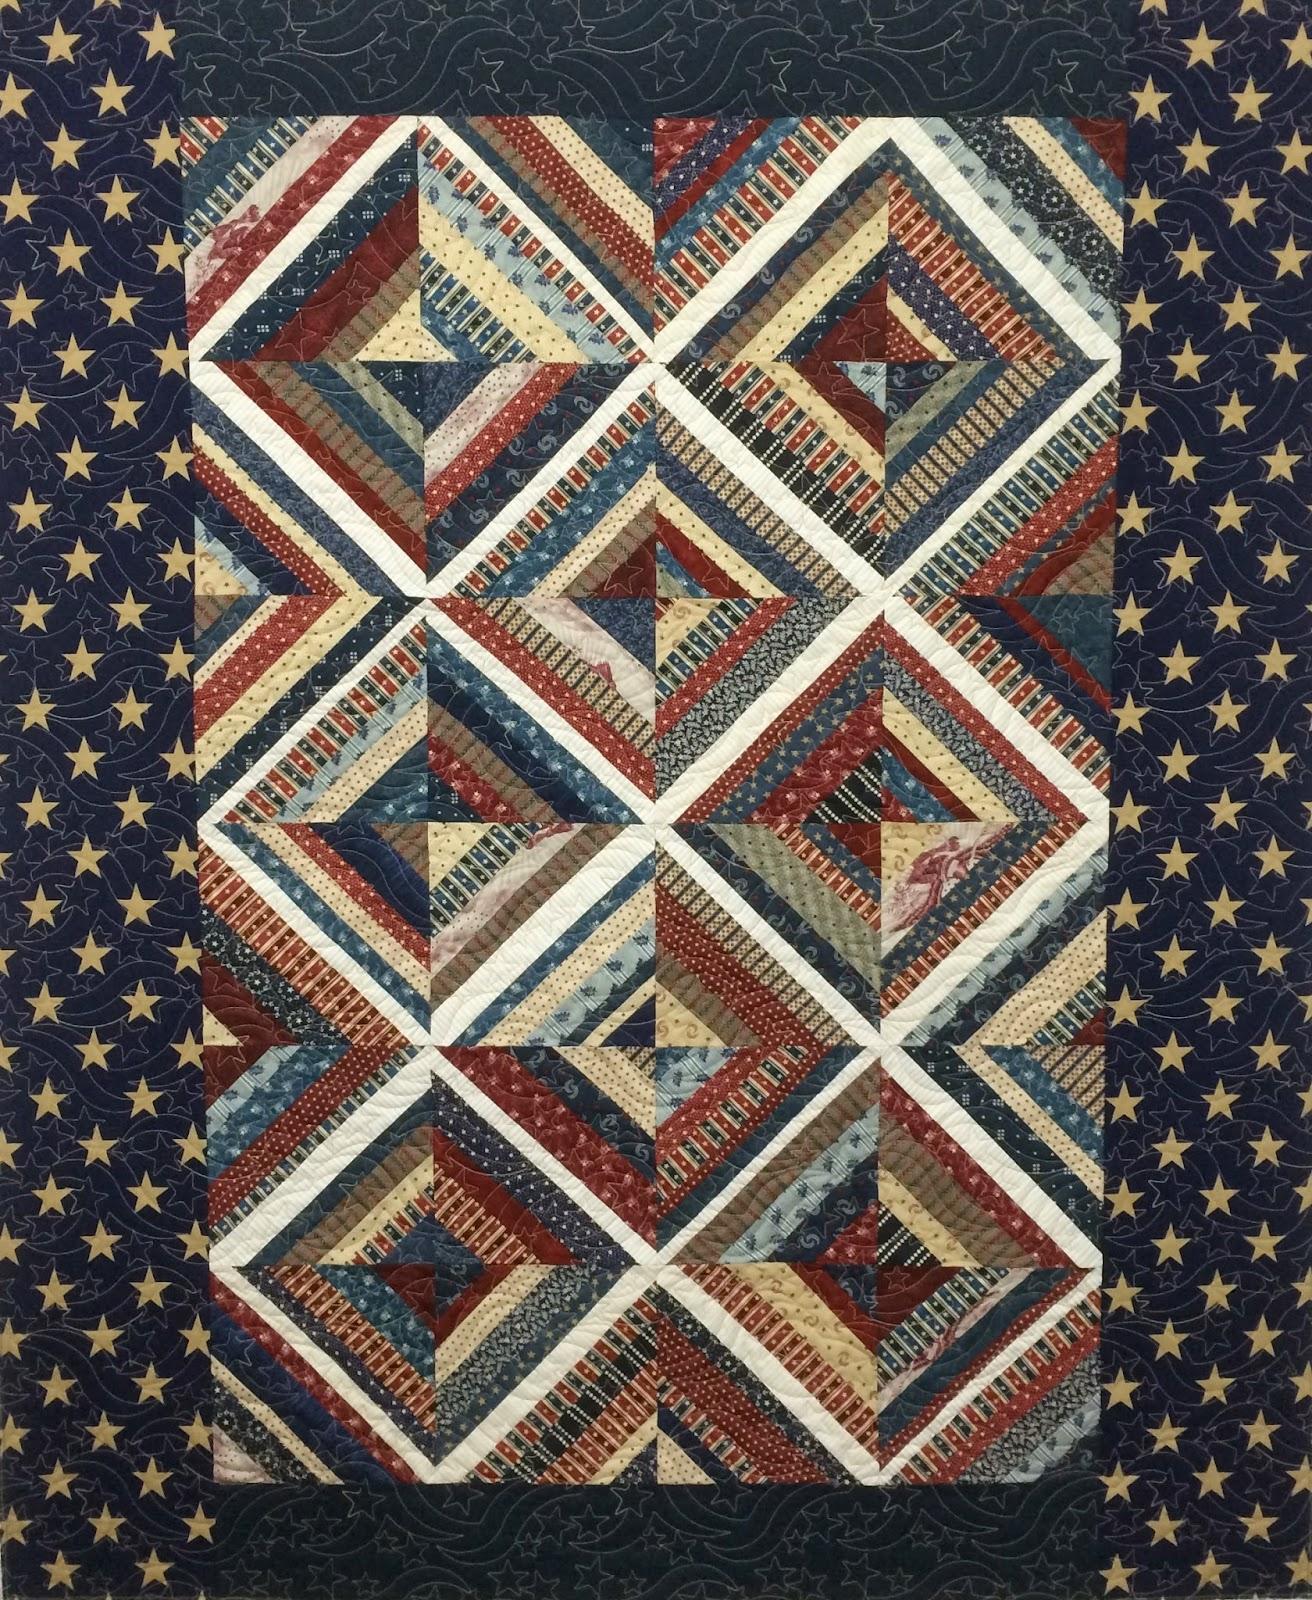 Rosemary Duke Americana Quilt